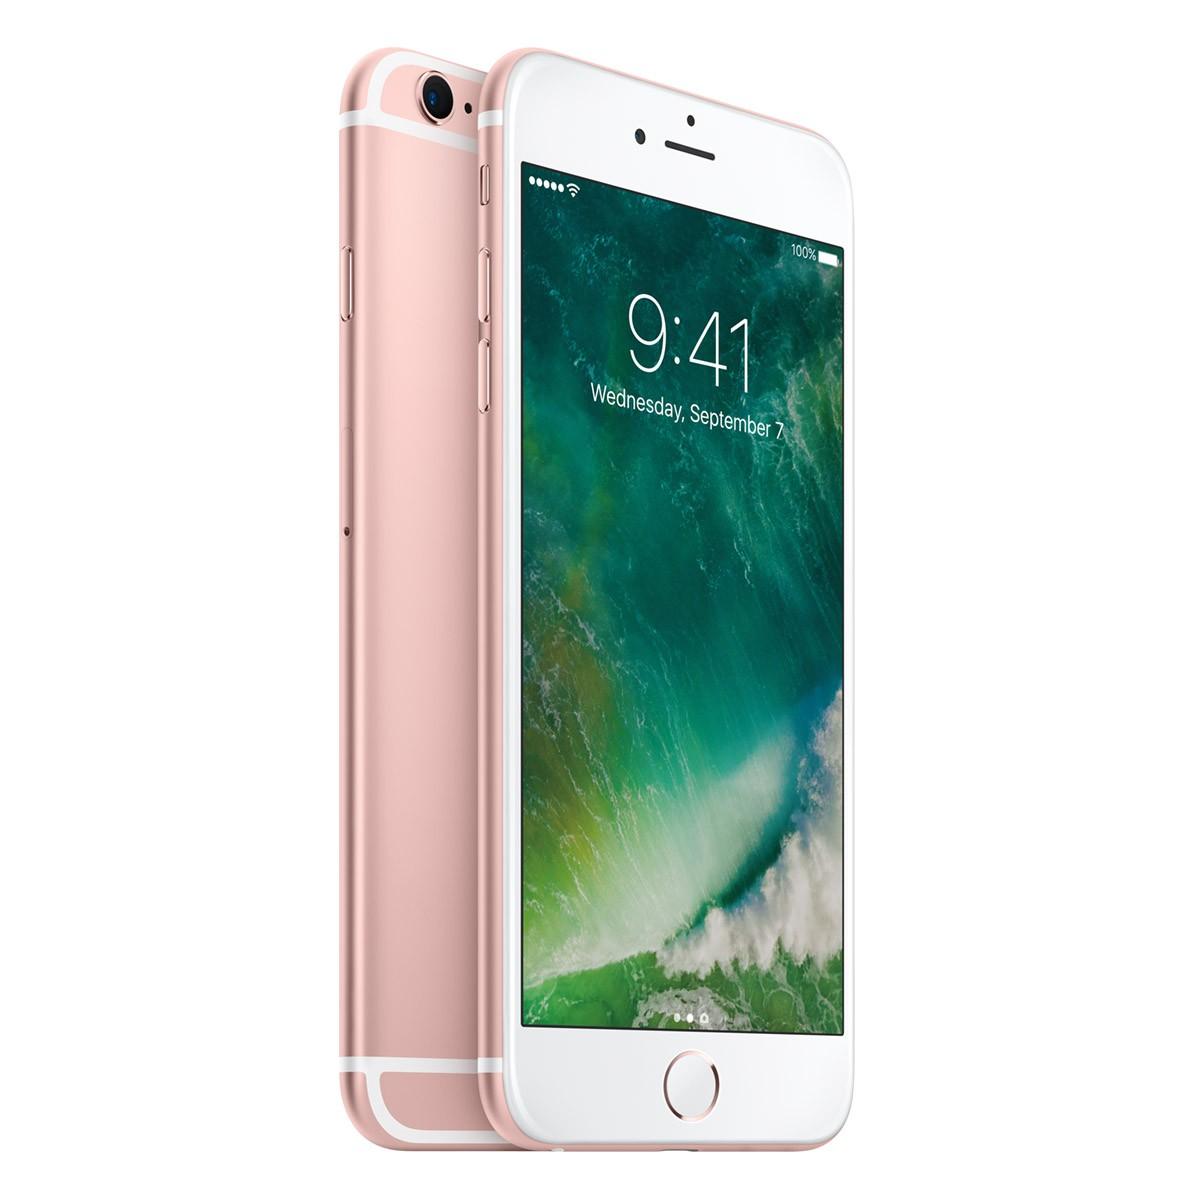 Apple iPhone 6s Plus 64GB - Rose Gold (servisovaný, nepoužitý, záruka a odpovědnost z vad 12 měsíců u iSTYLE)